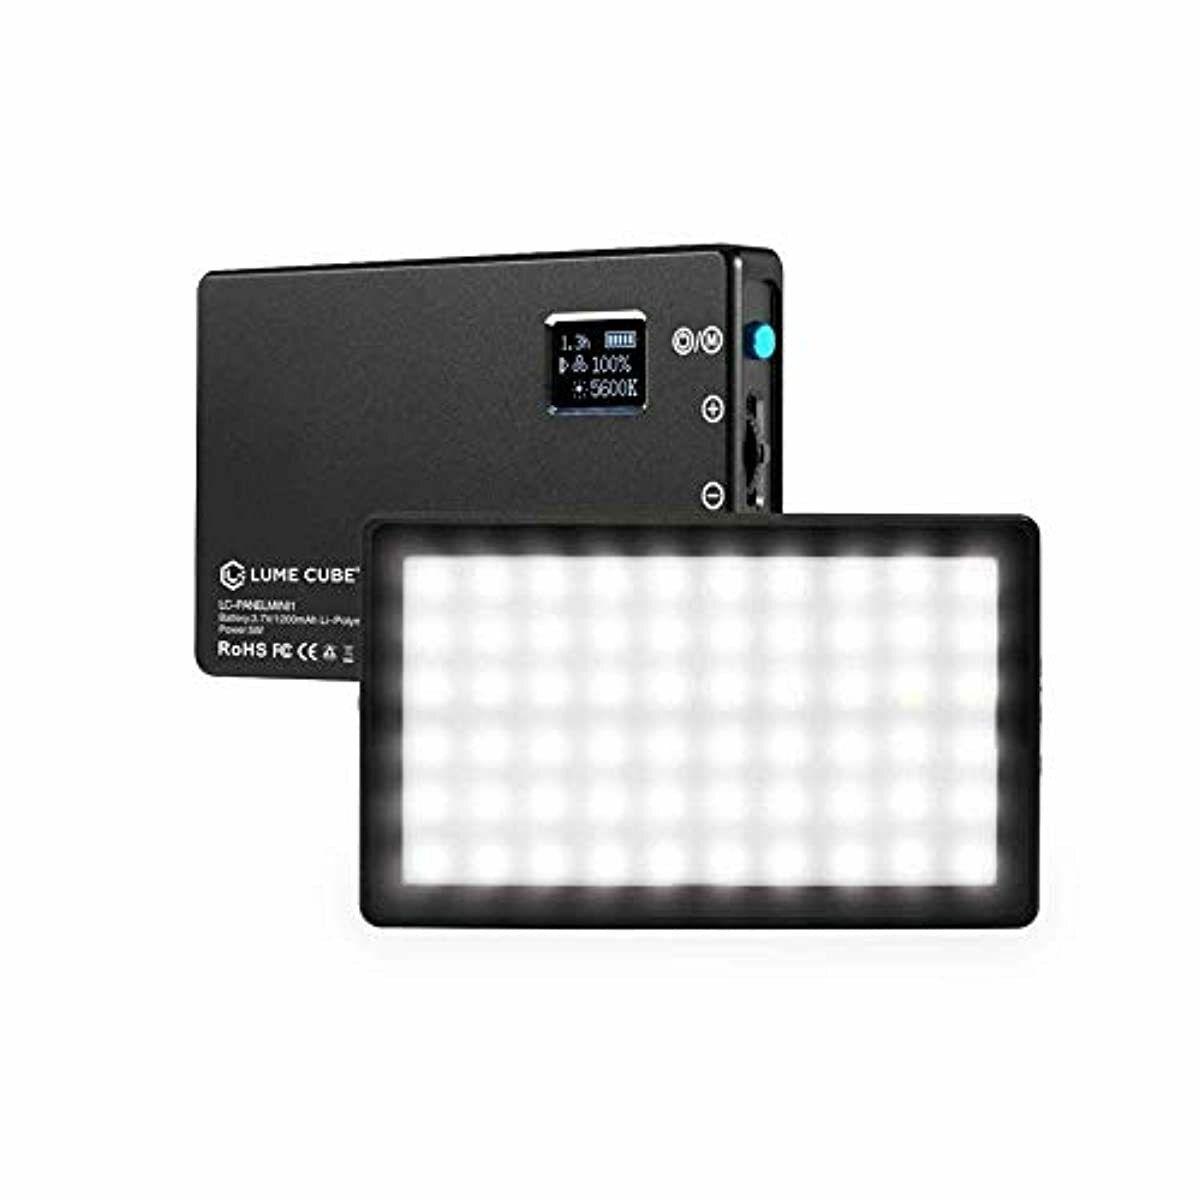 Lume Cube Bicolor LED Light for Professional DSLR Cameras | Adjustable Panel Min